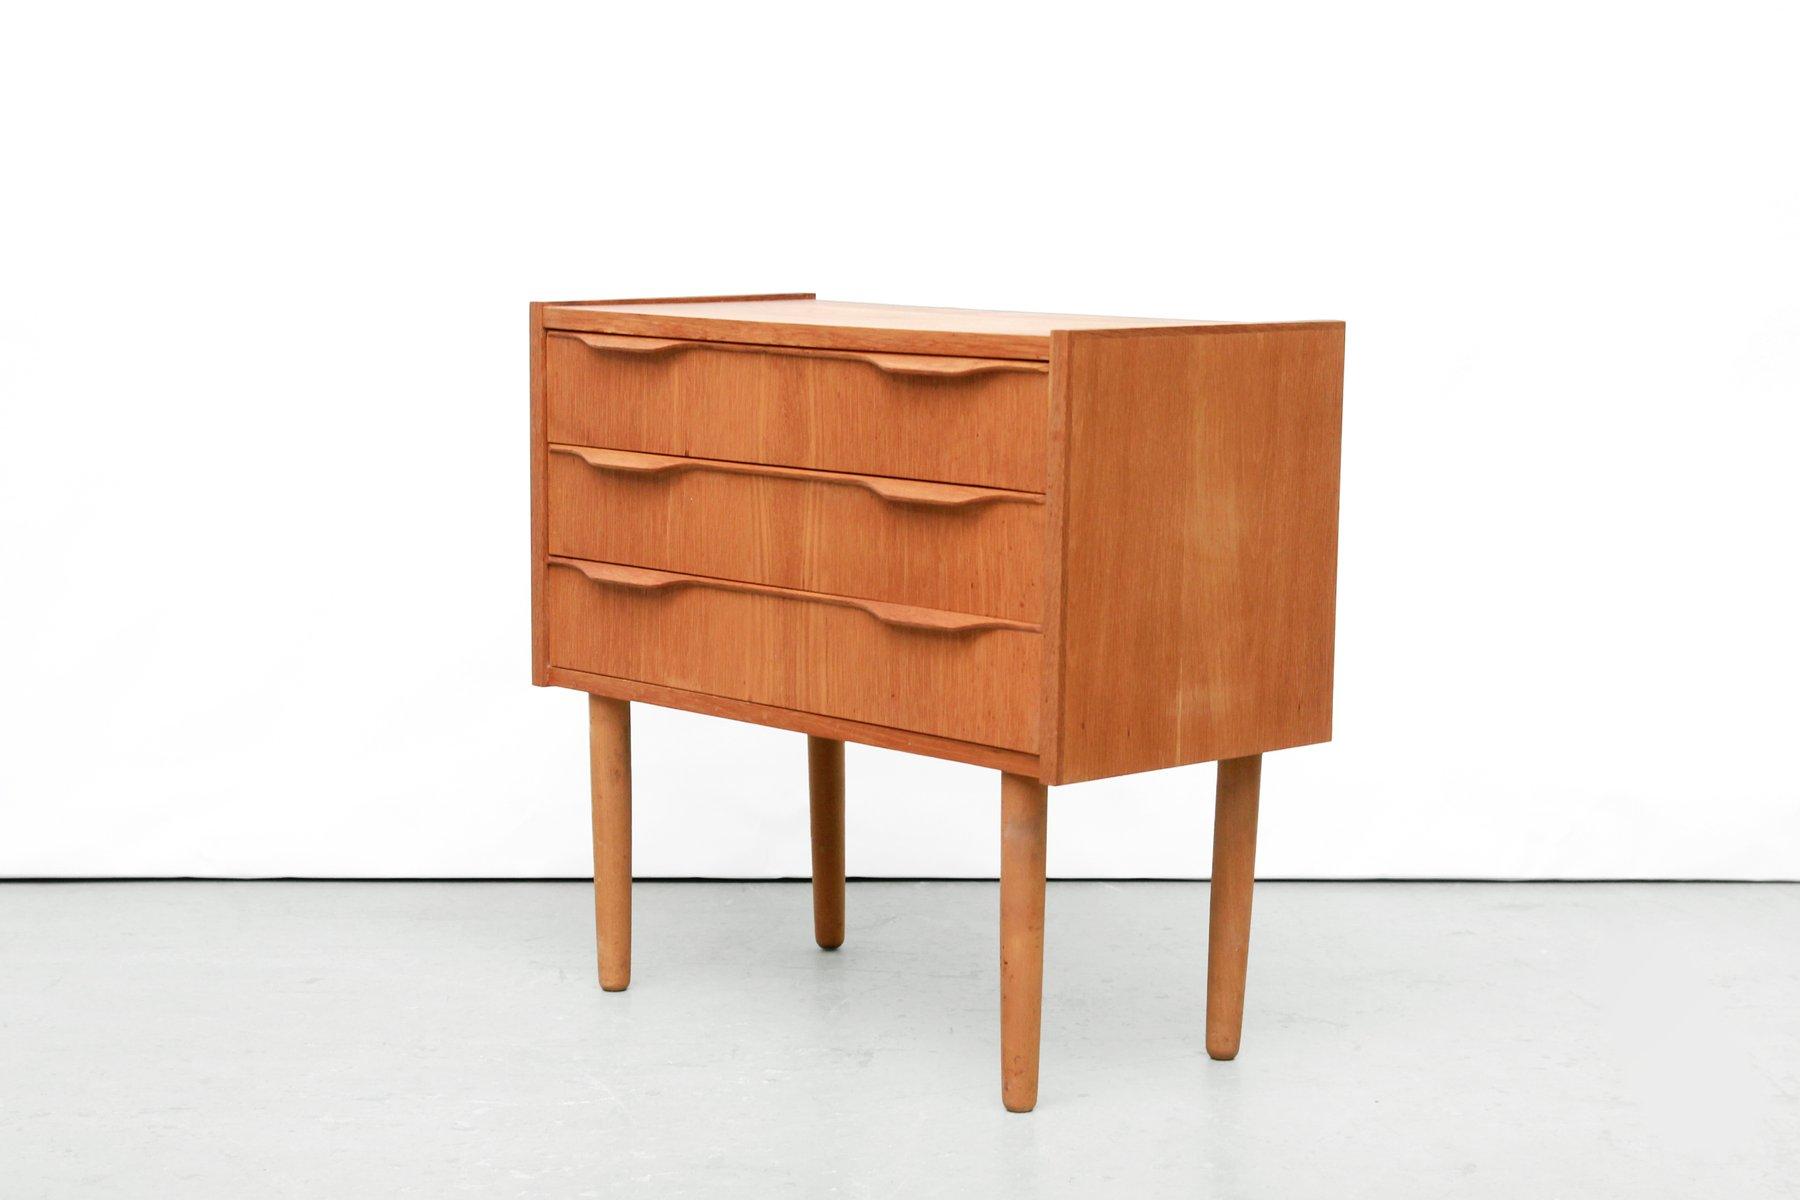 moderne d nische kommode aus eiche 1960er bei pamono kaufen. Black Bedroom Furniture Sets. Home Design Ideas